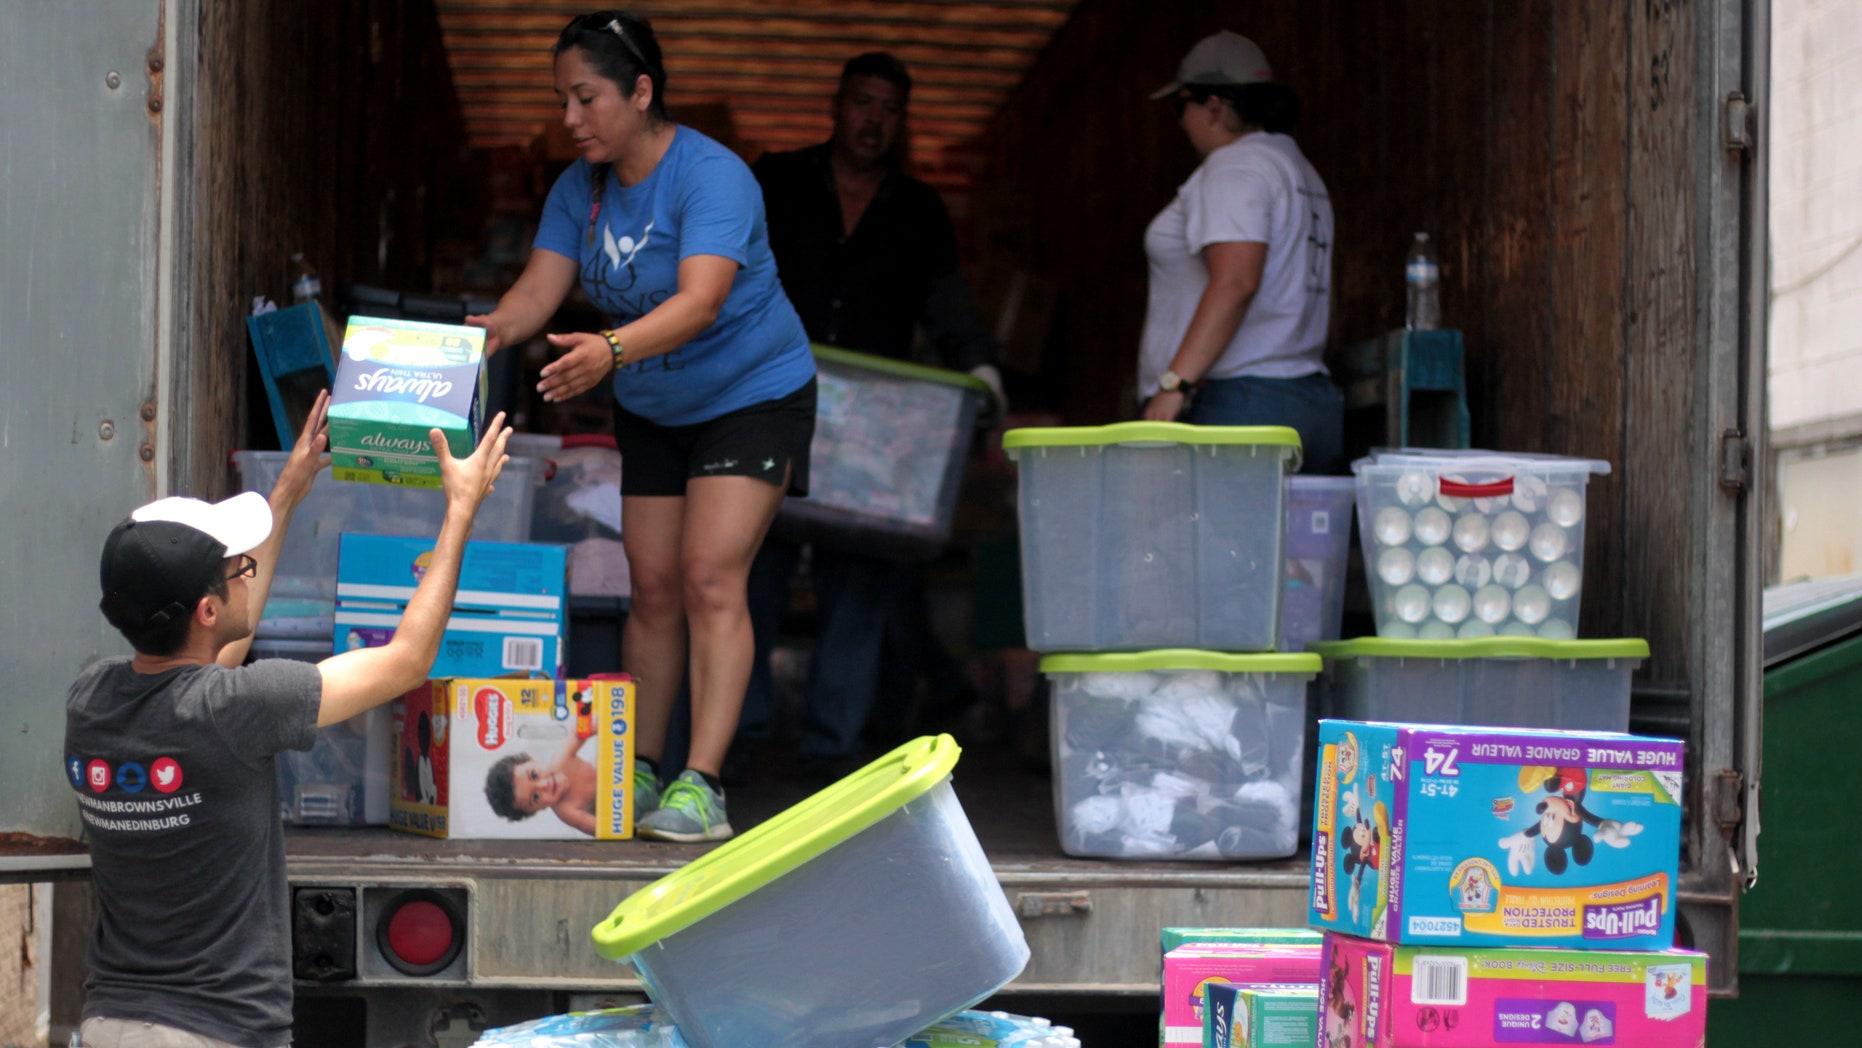 Volunteers unloading the truck of supplies at respite center in McAllen, Texas.